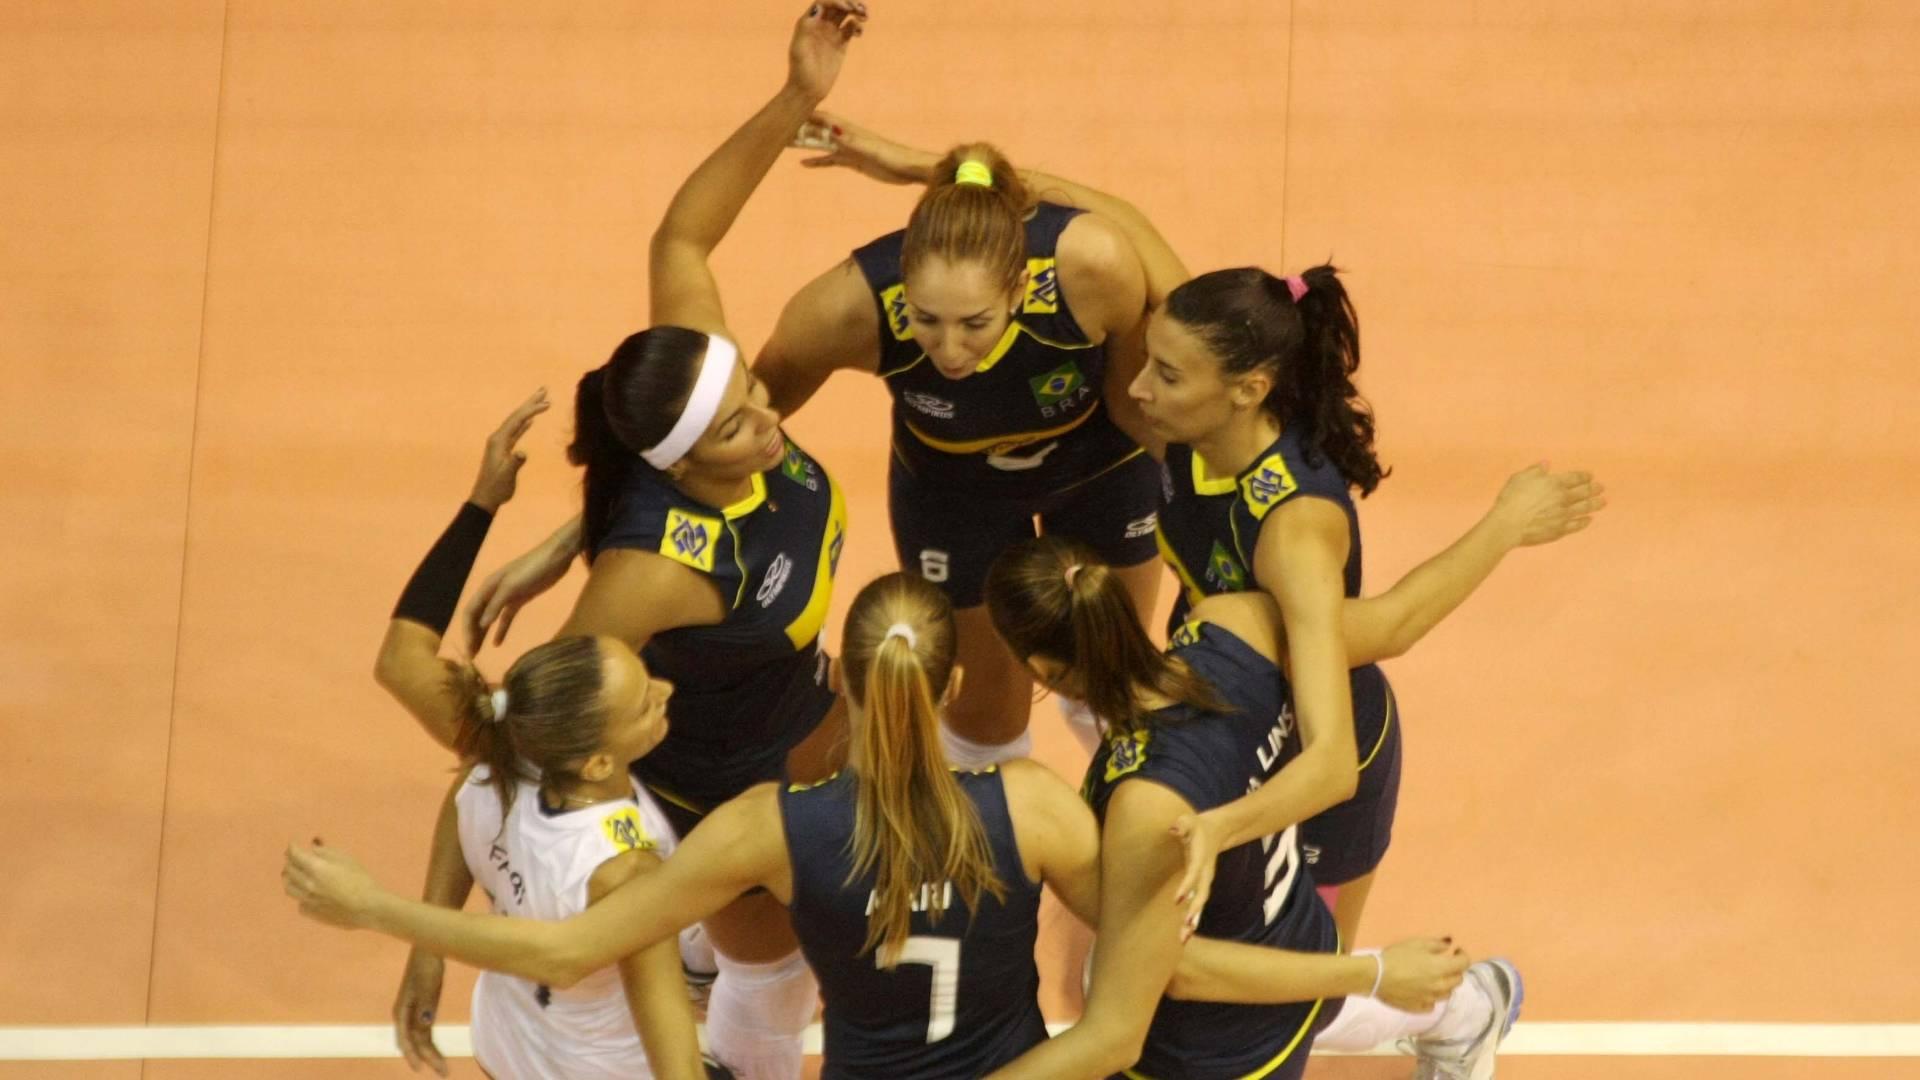 Seleção feminina de vôlei do Brasil comemora na vitória contra o Peru, em torneio amistoso